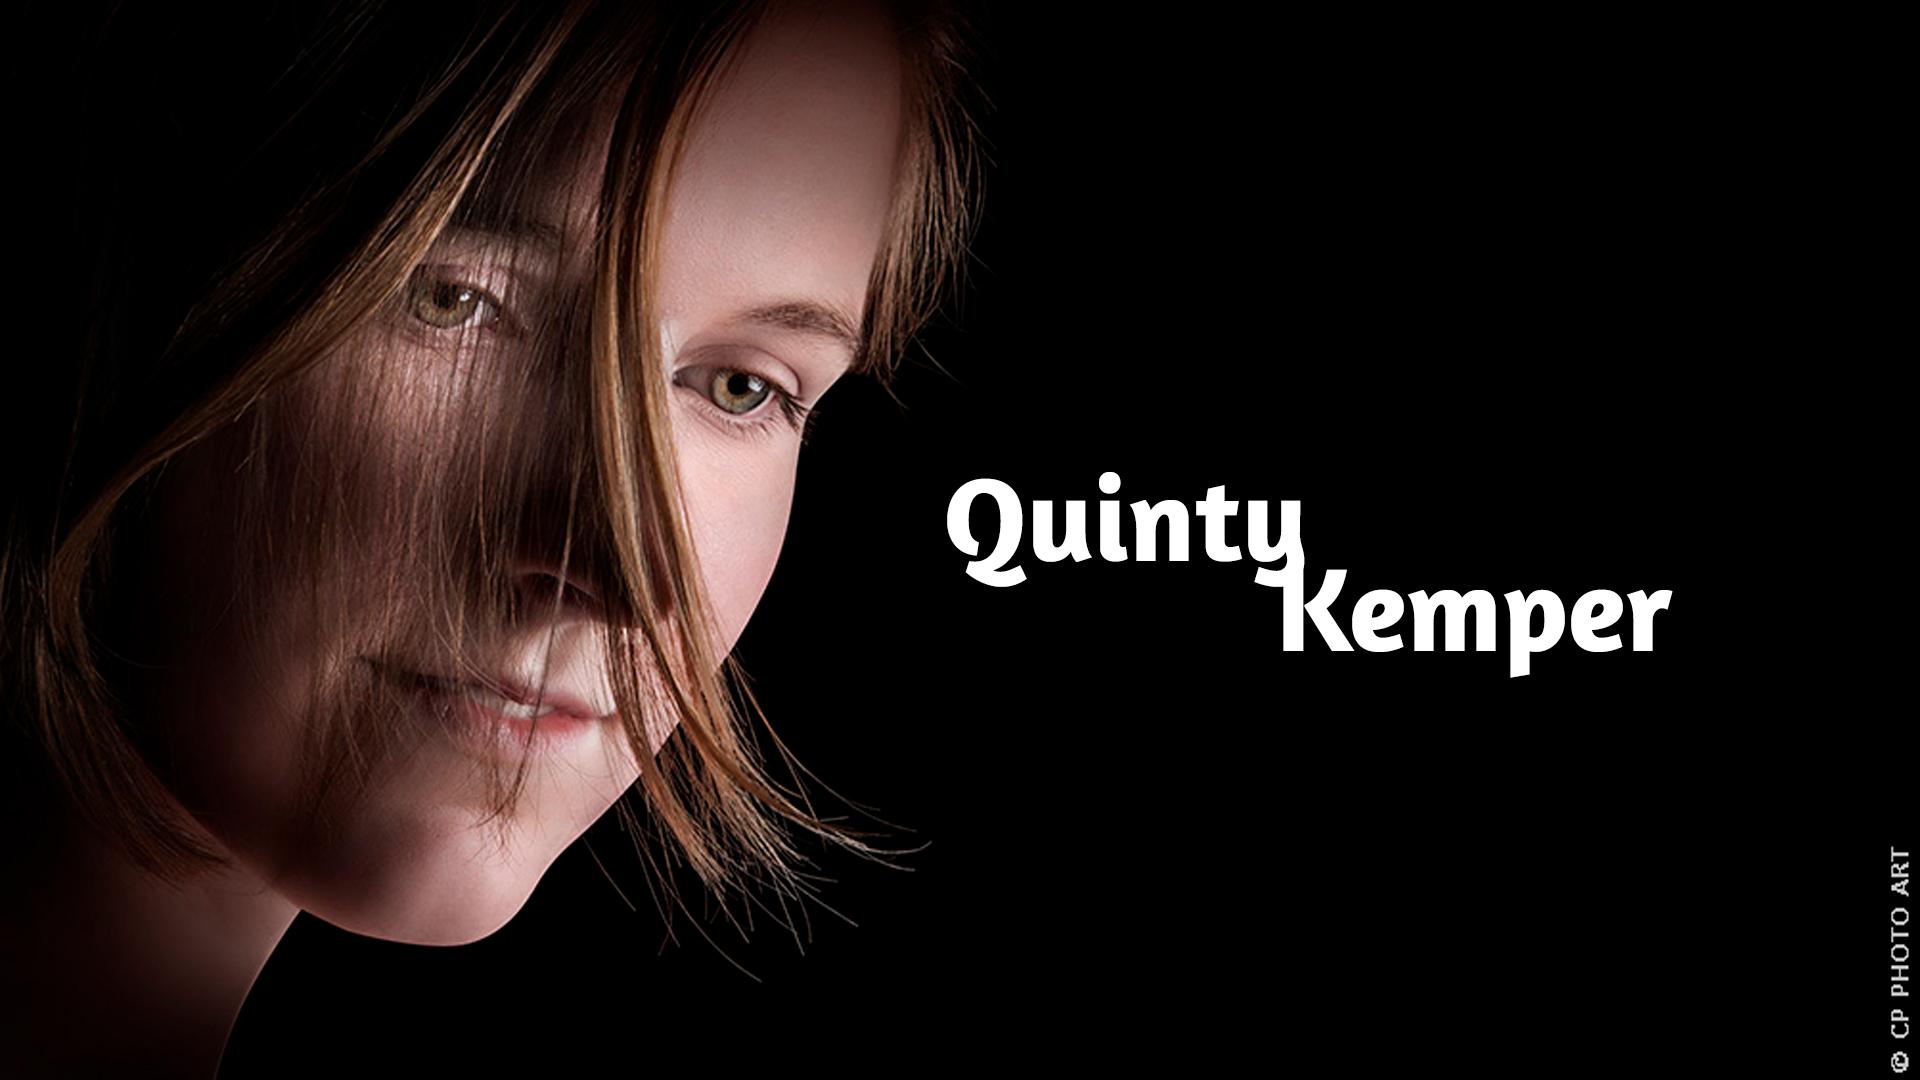 Quinty Kemper